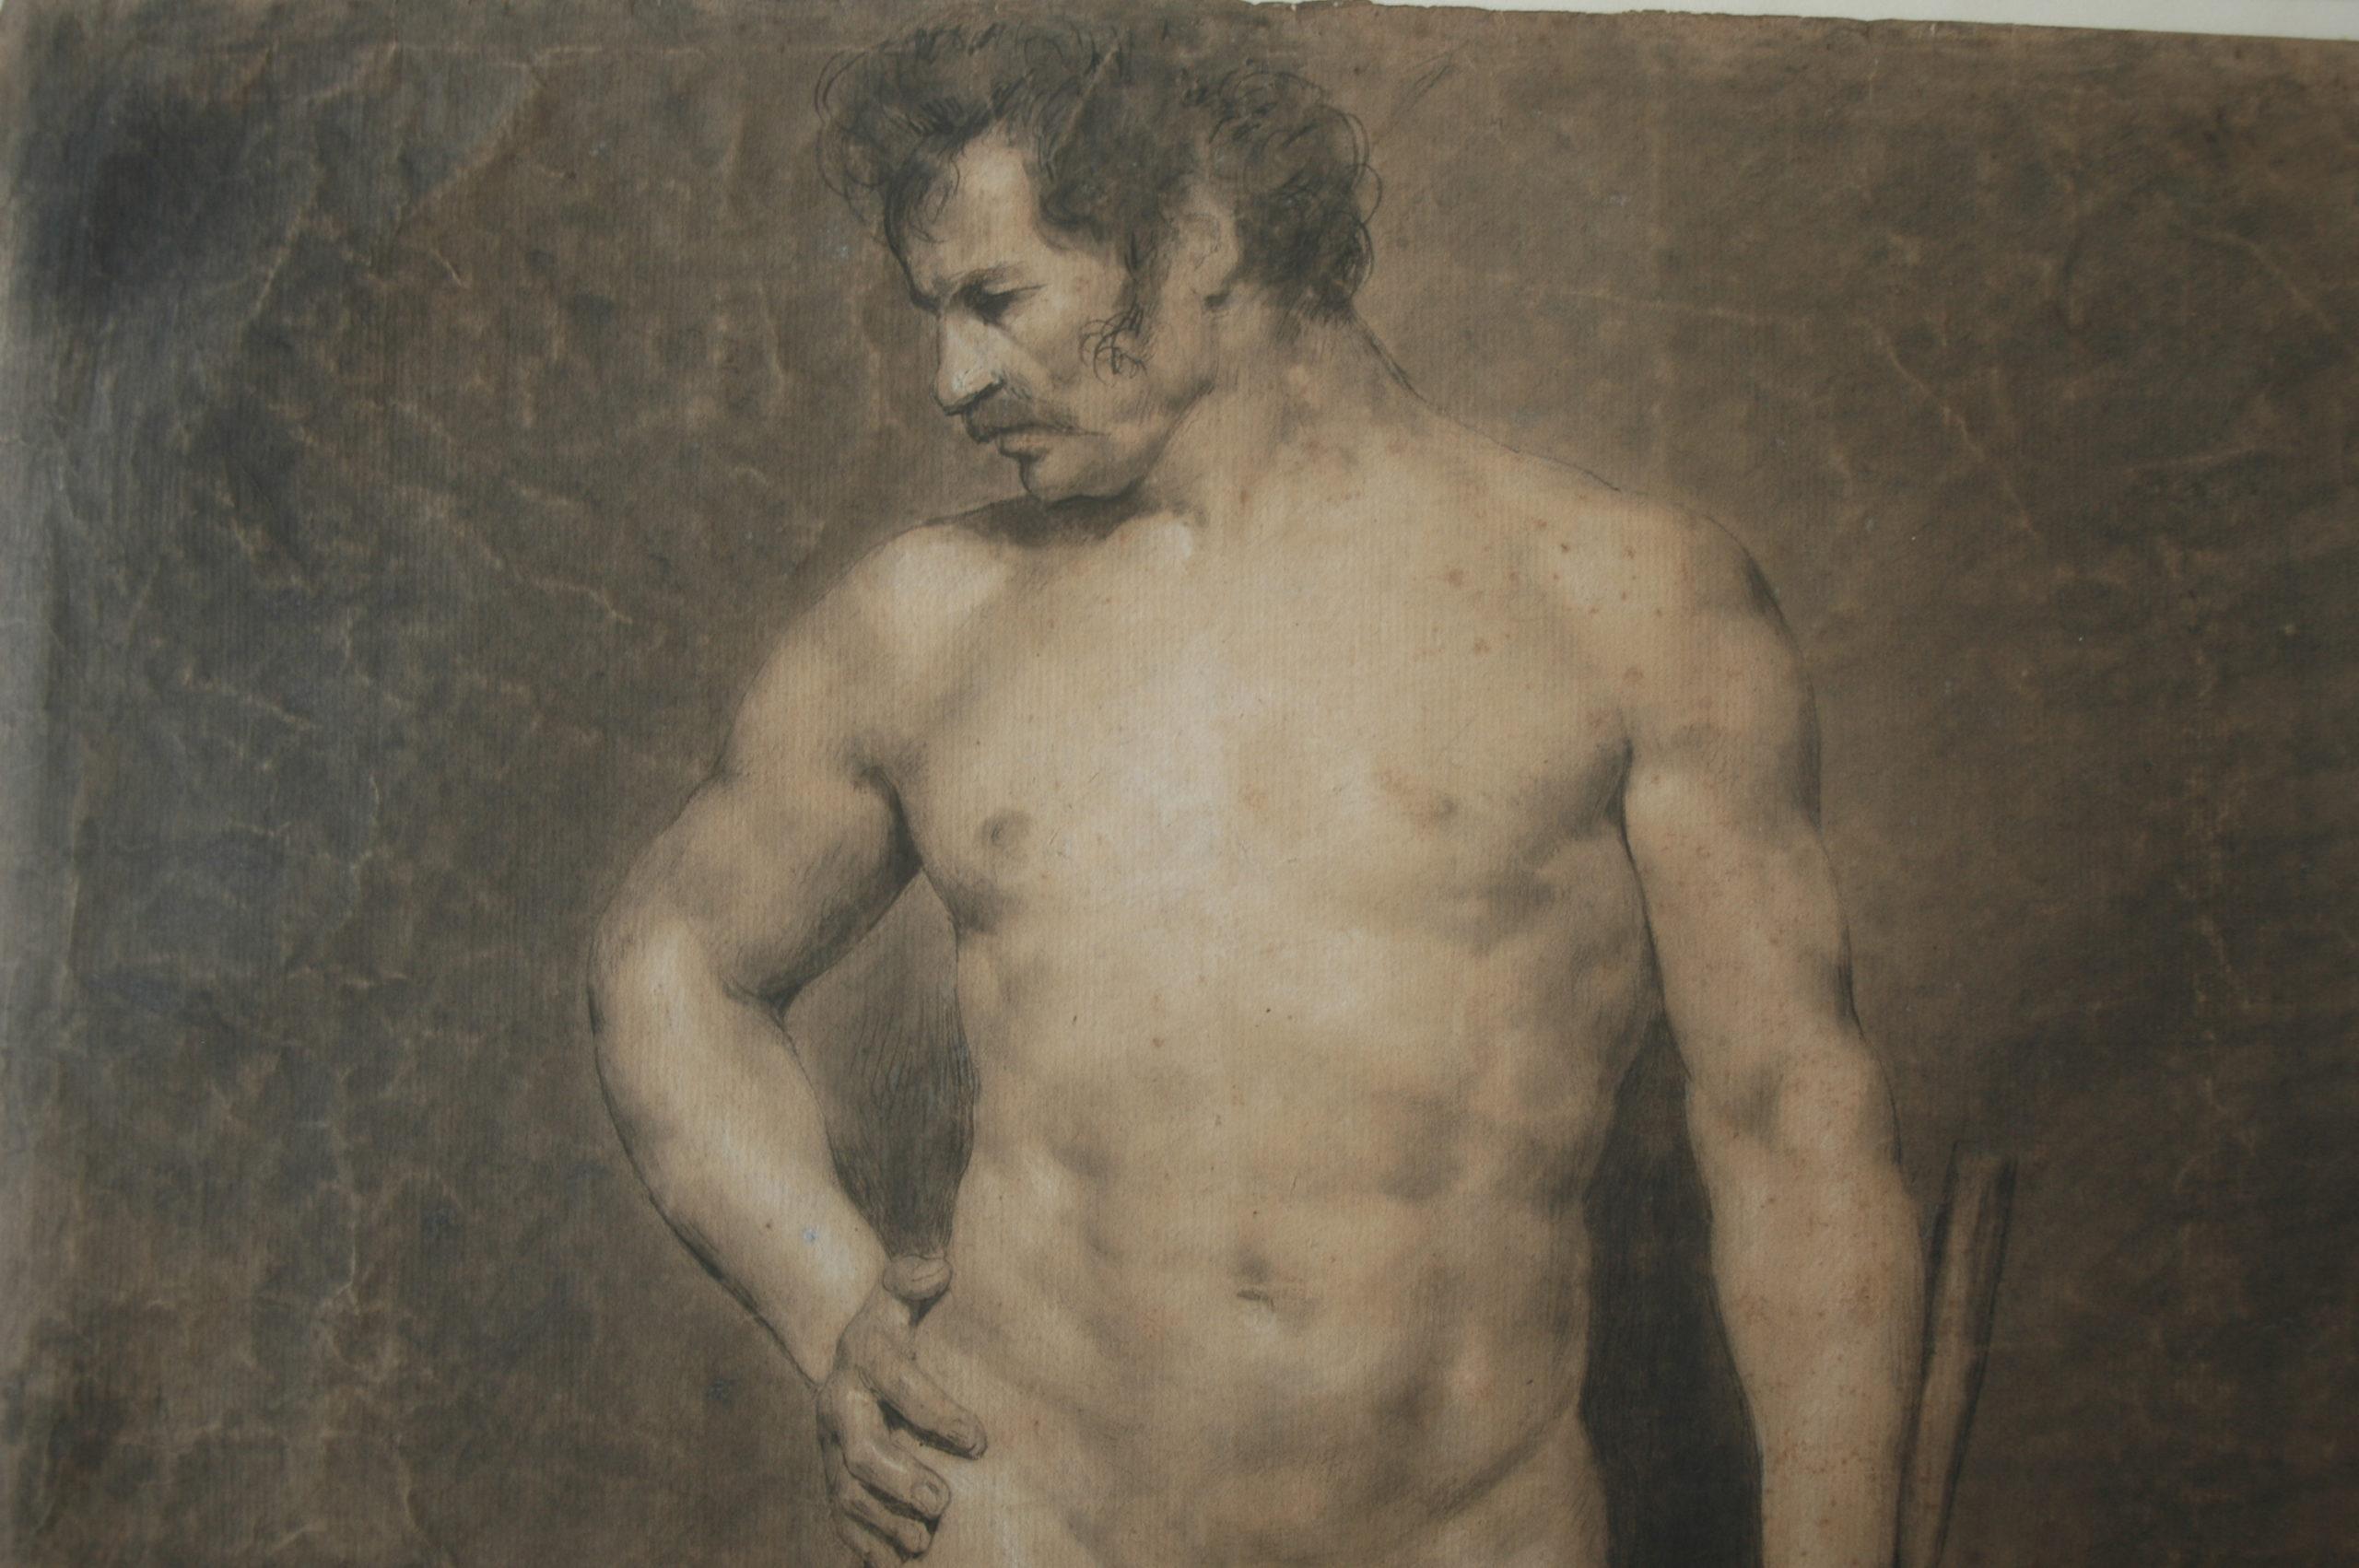 Académie d'homme, Eugène Delacroix, Feuille d'étude, 1822, fusain, estompe et rehauts de blanc (détail), Paris, Musée du Louvre, copyright: cliché de l'expert.